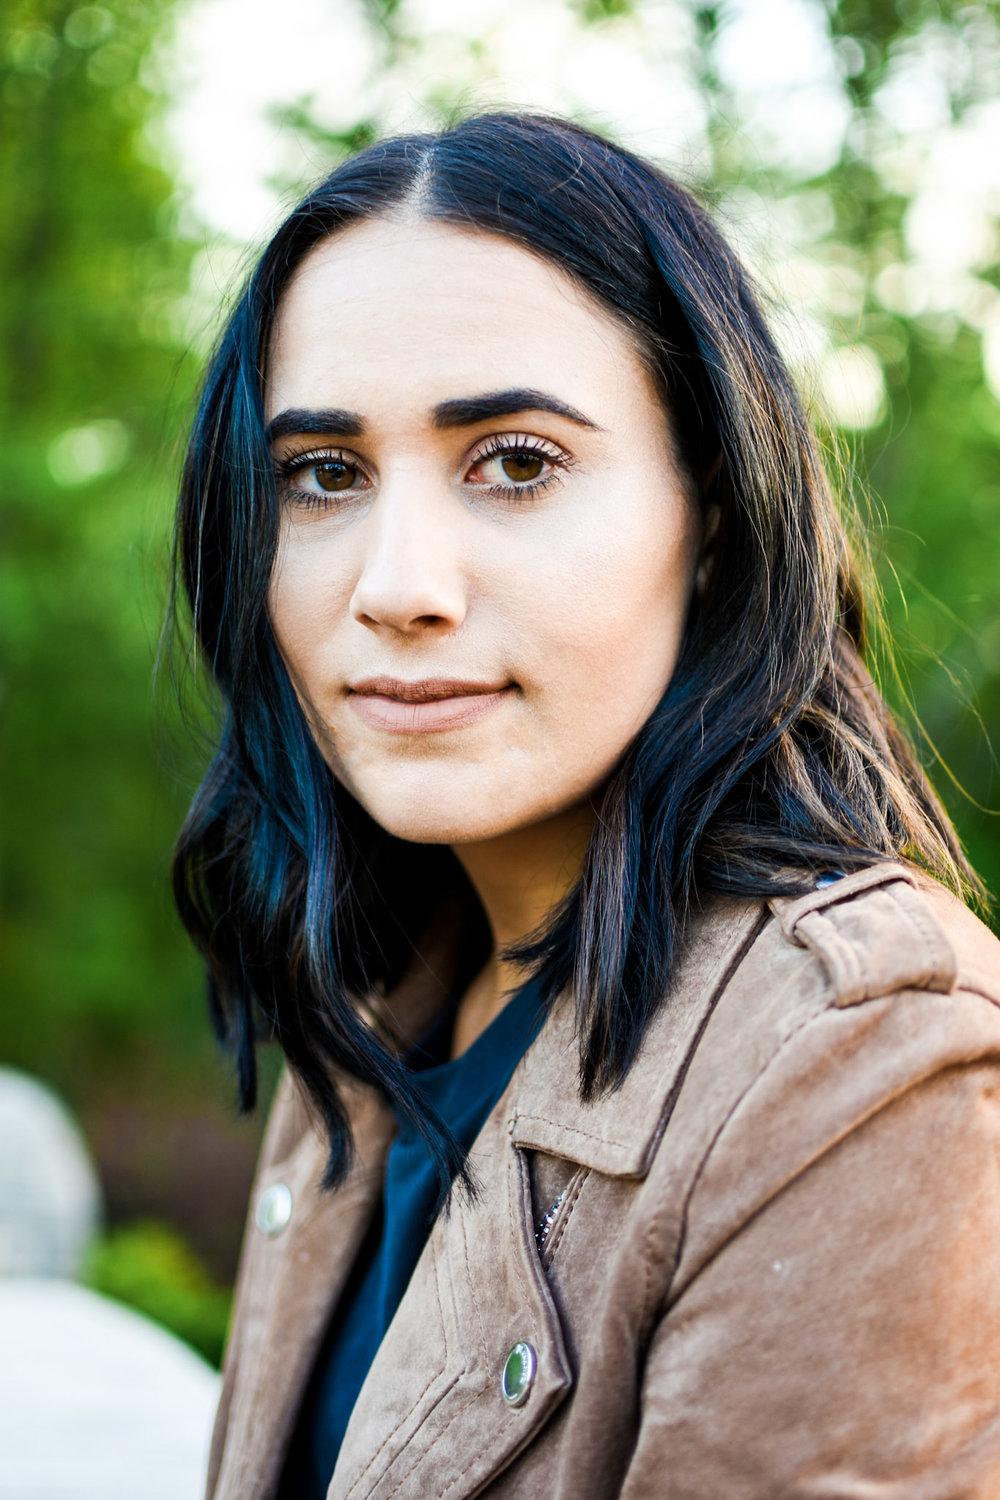 Madeline Ferrante - Social Media Manager, Adipsy